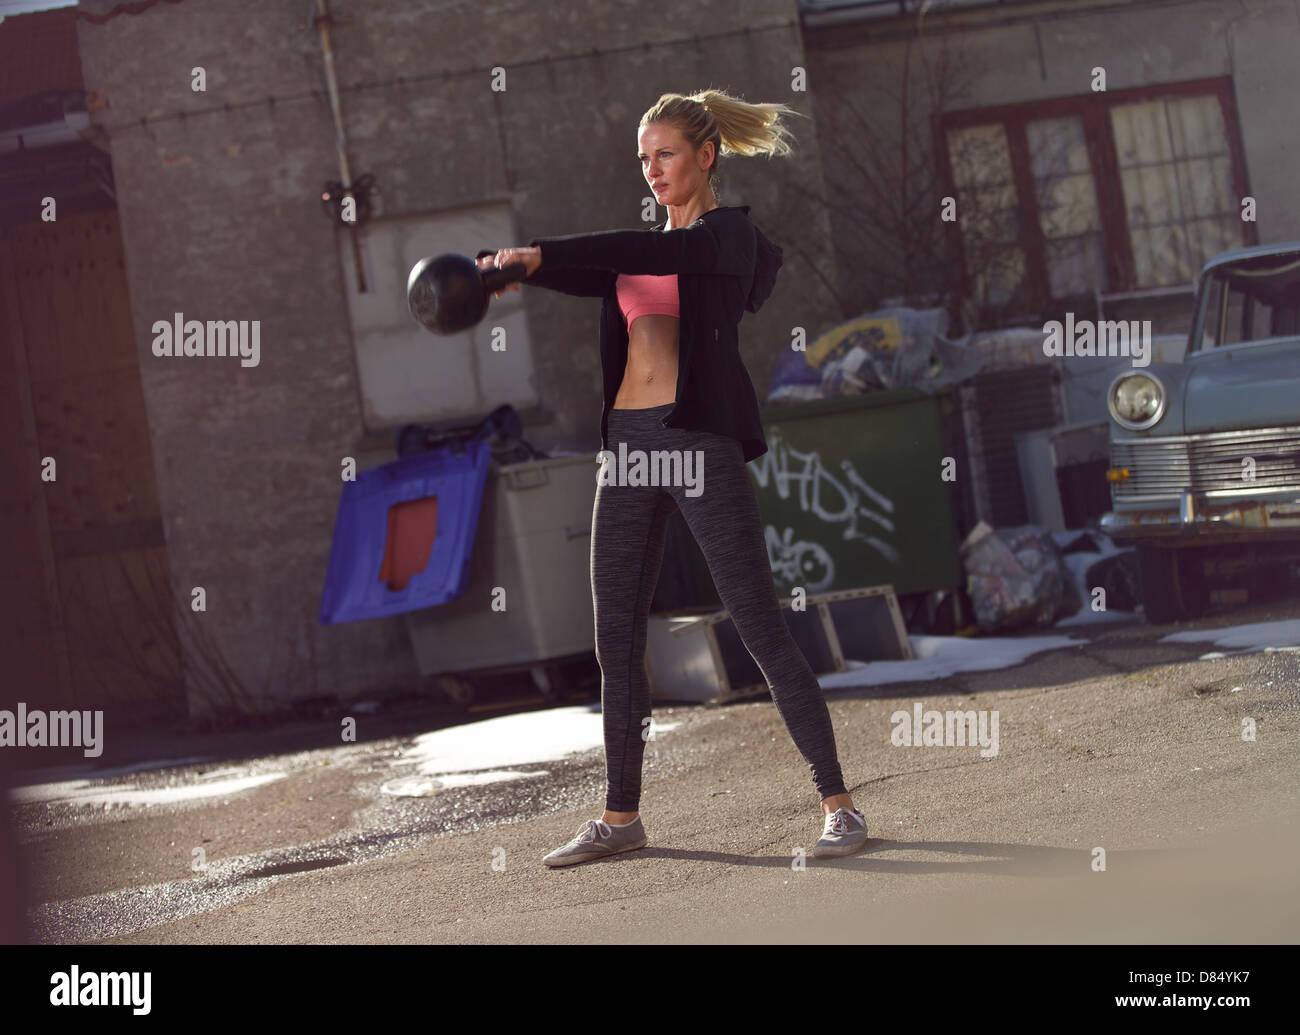 Giovane donna fitness facendo oscillare il kettlebell durante il training crossfit Immagini Stock